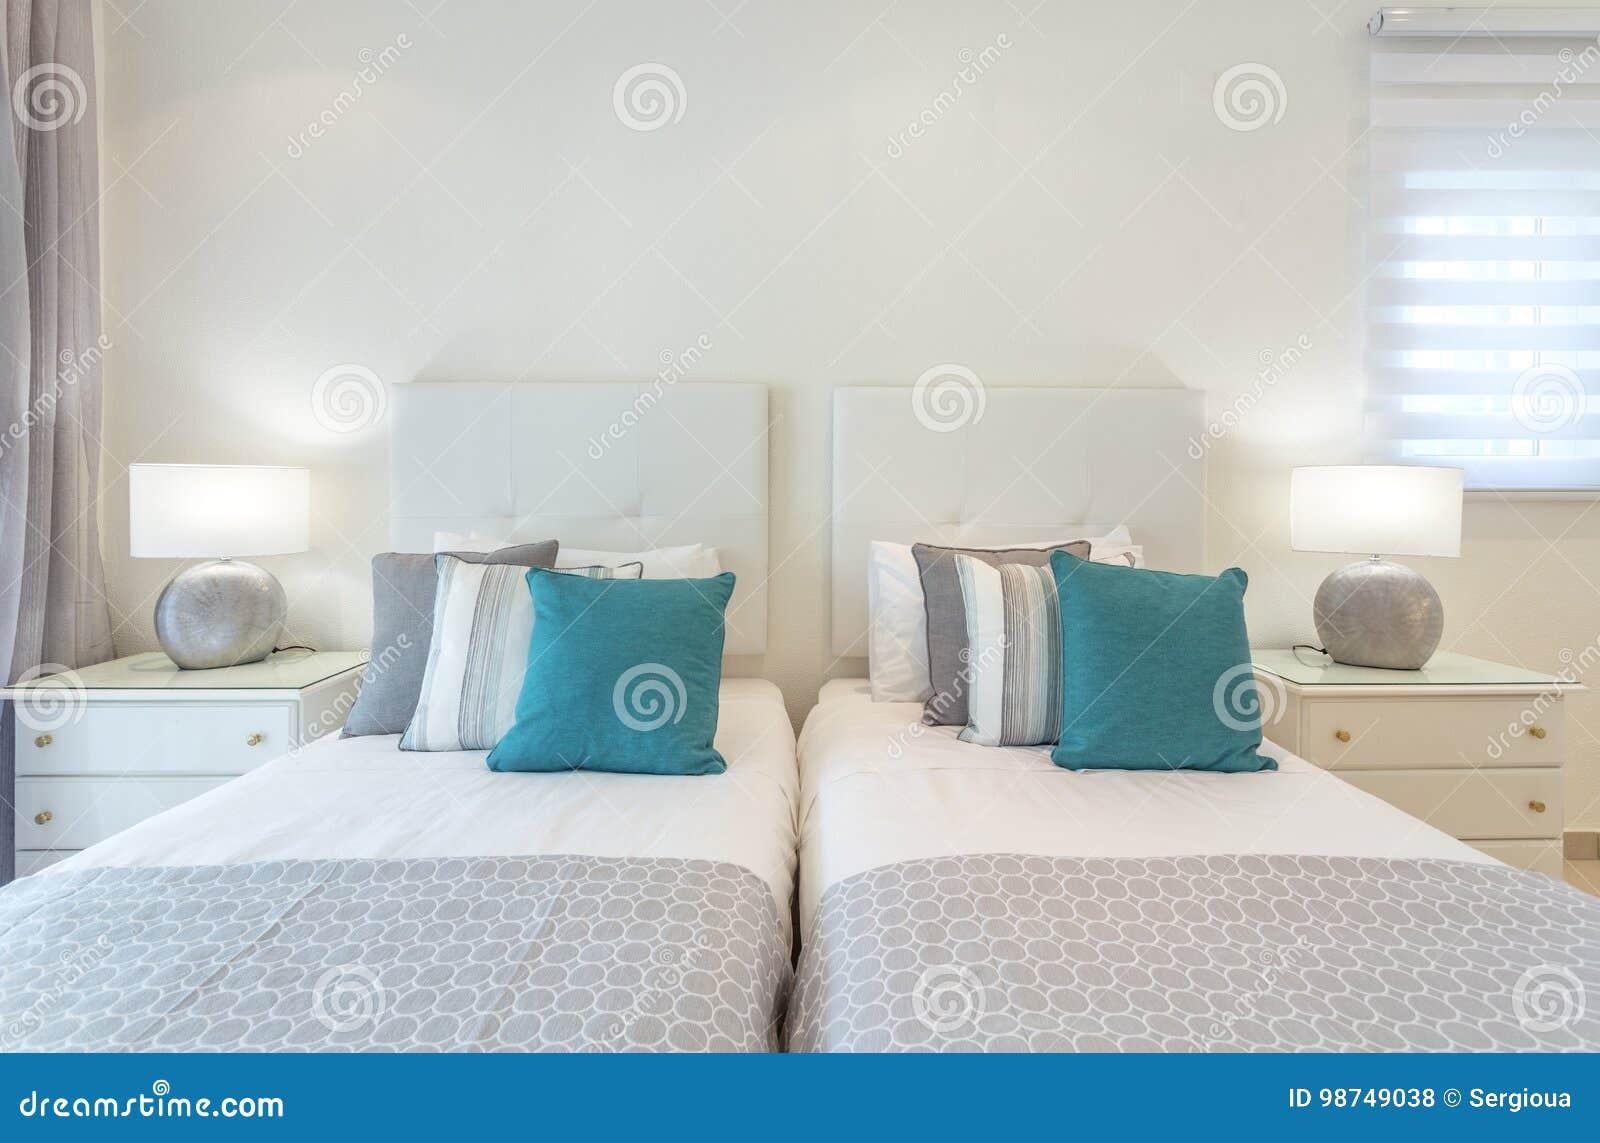 Double Lampes Dans Chevet Chambre À Coucher Au Stock Lit Photo La BdWroexC